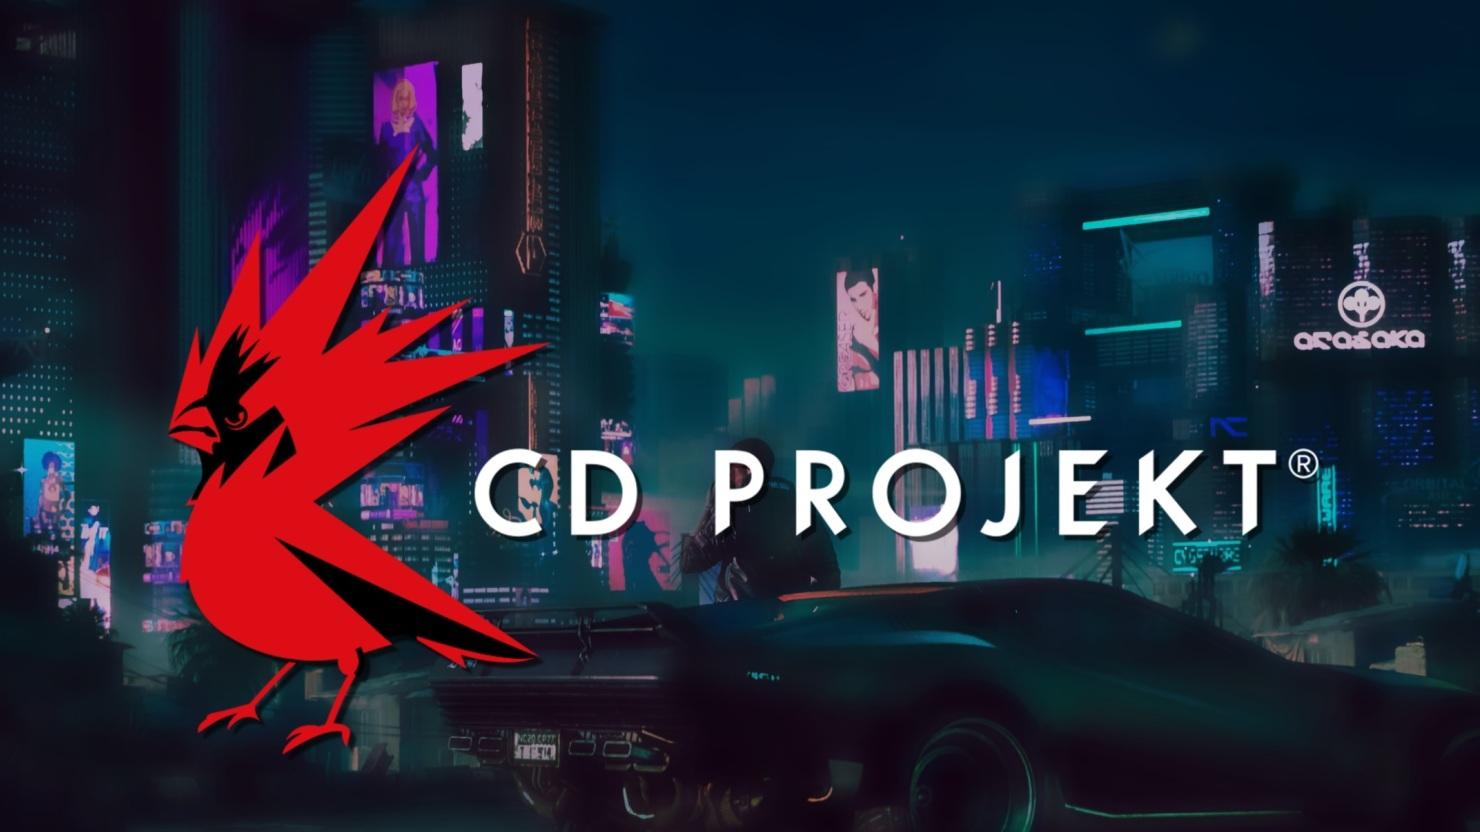 CD Projekt стала второй по величине игровой компанией в Европе